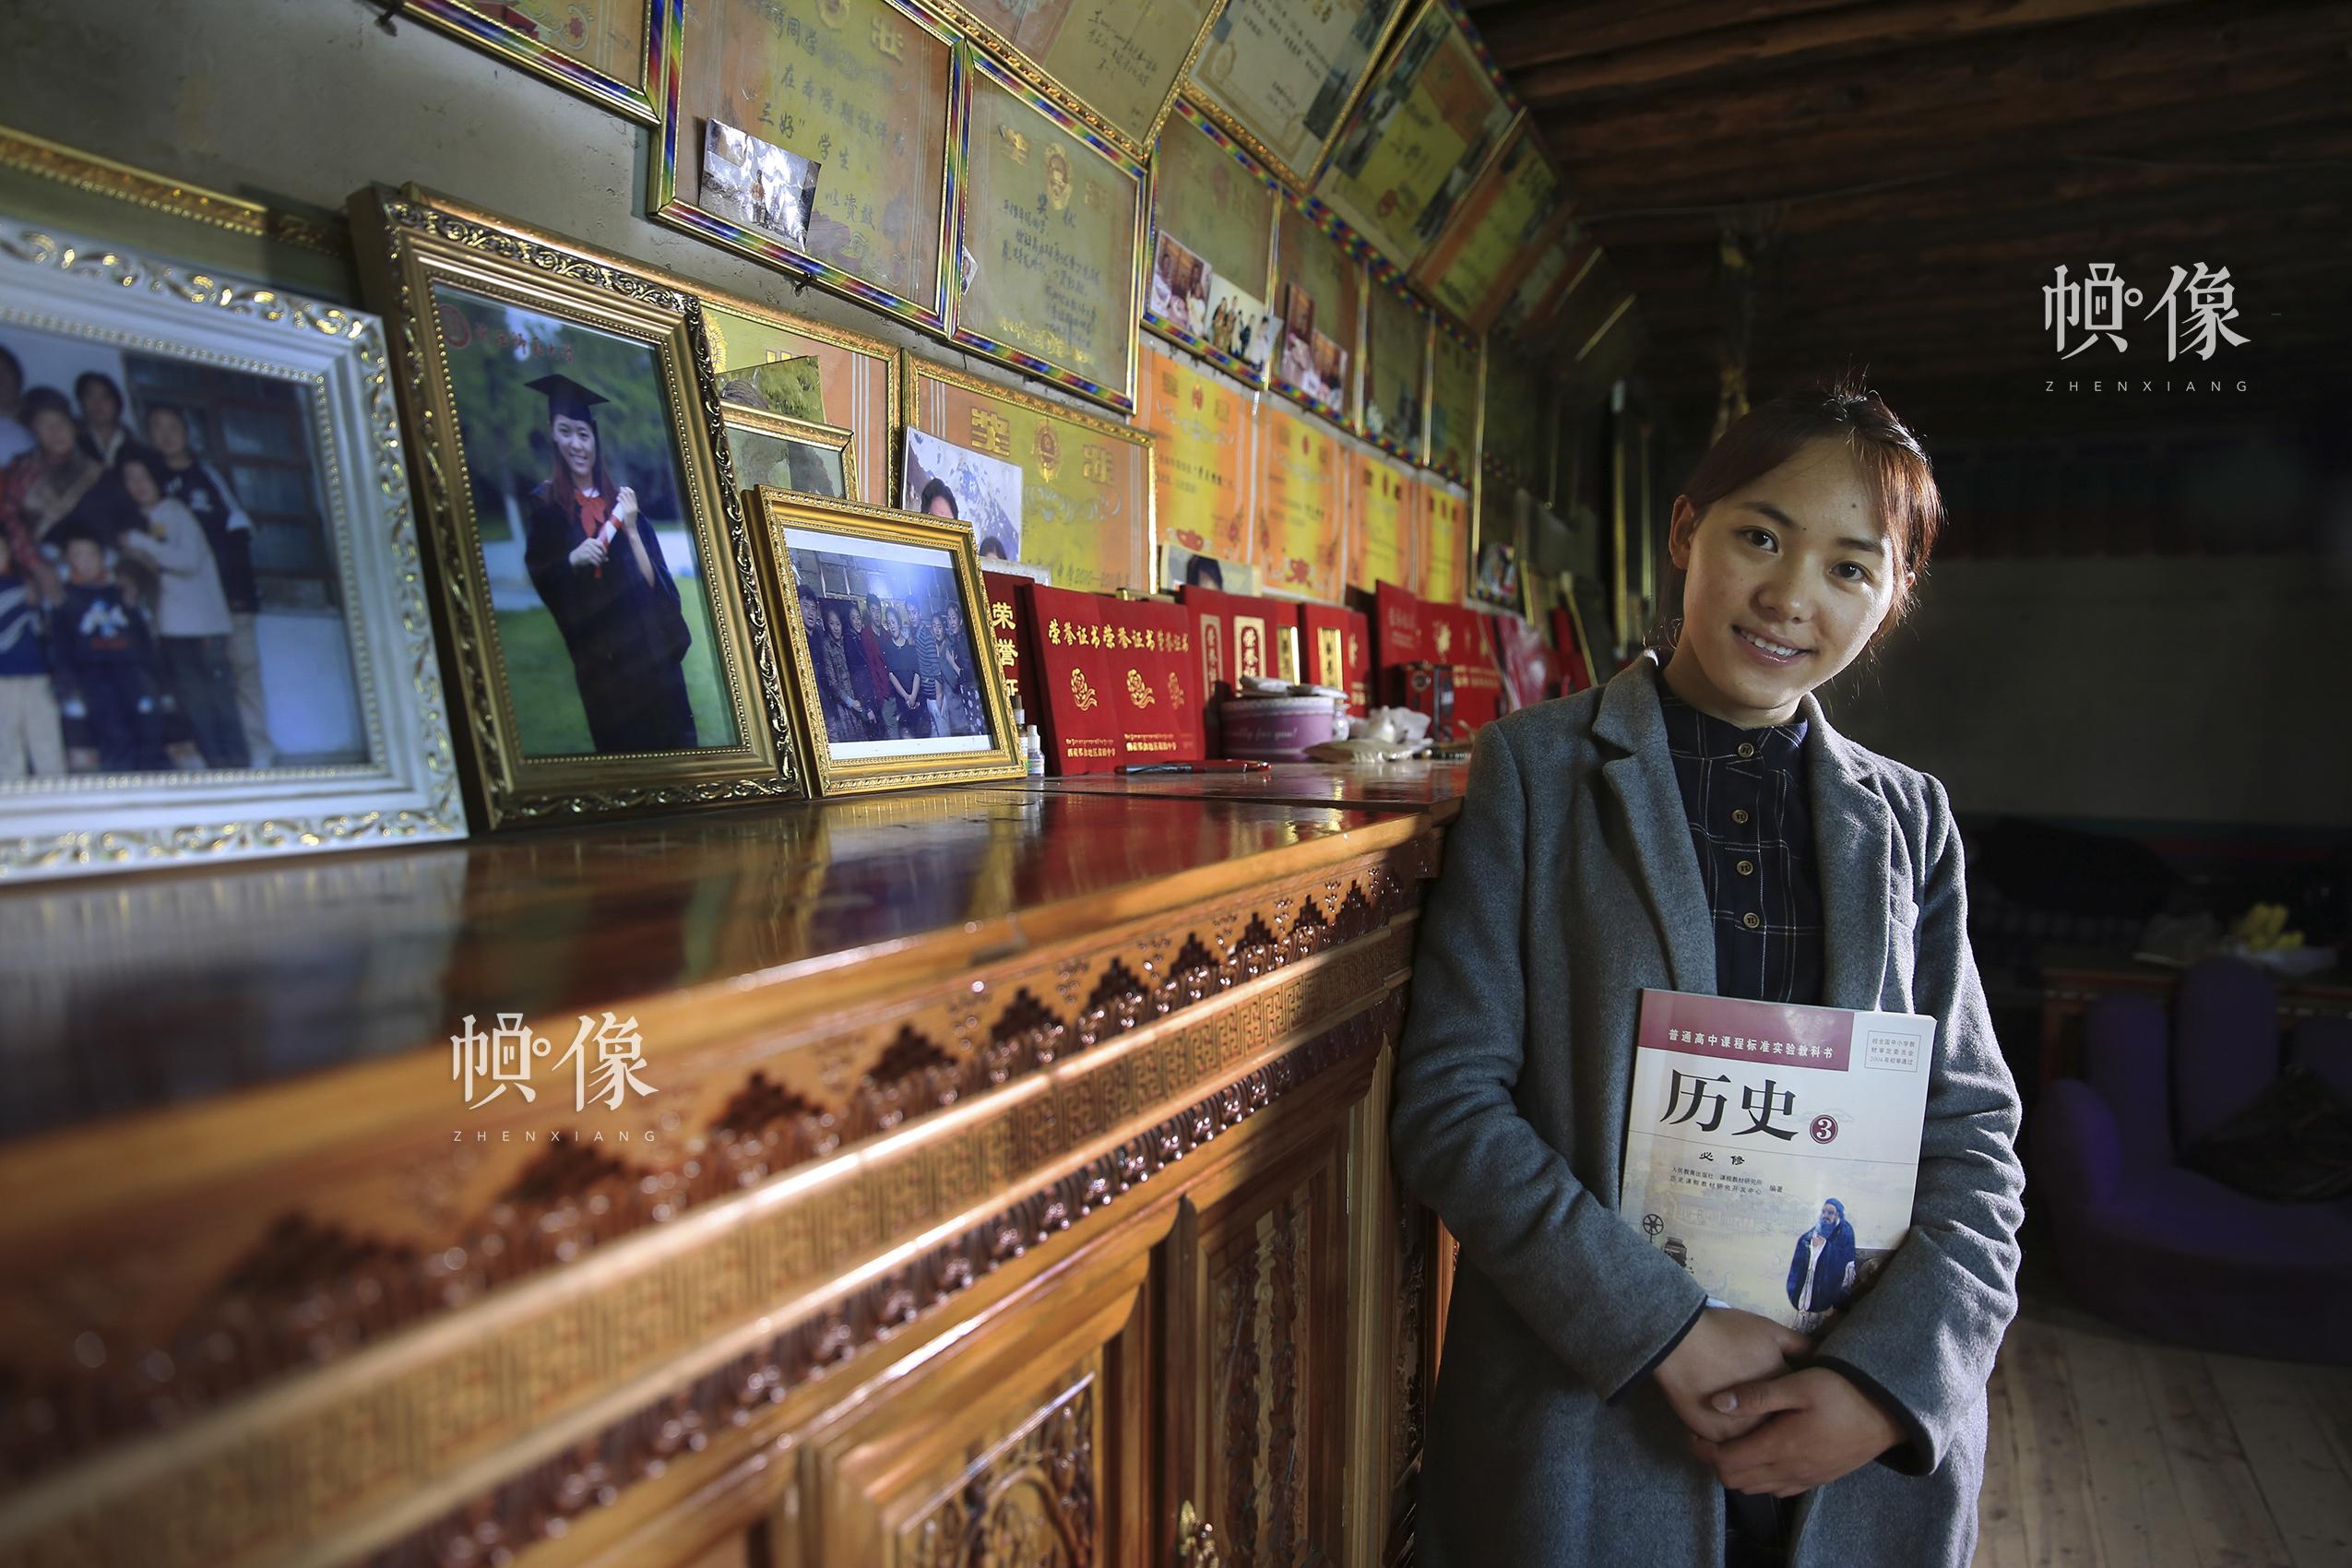 乌珠旺姆,1992年出生于西藏那曲地区,2003年在春蕾计划资助下完成高中、大学学业,现任那曲地区高级中学教师。中国儿基会供图